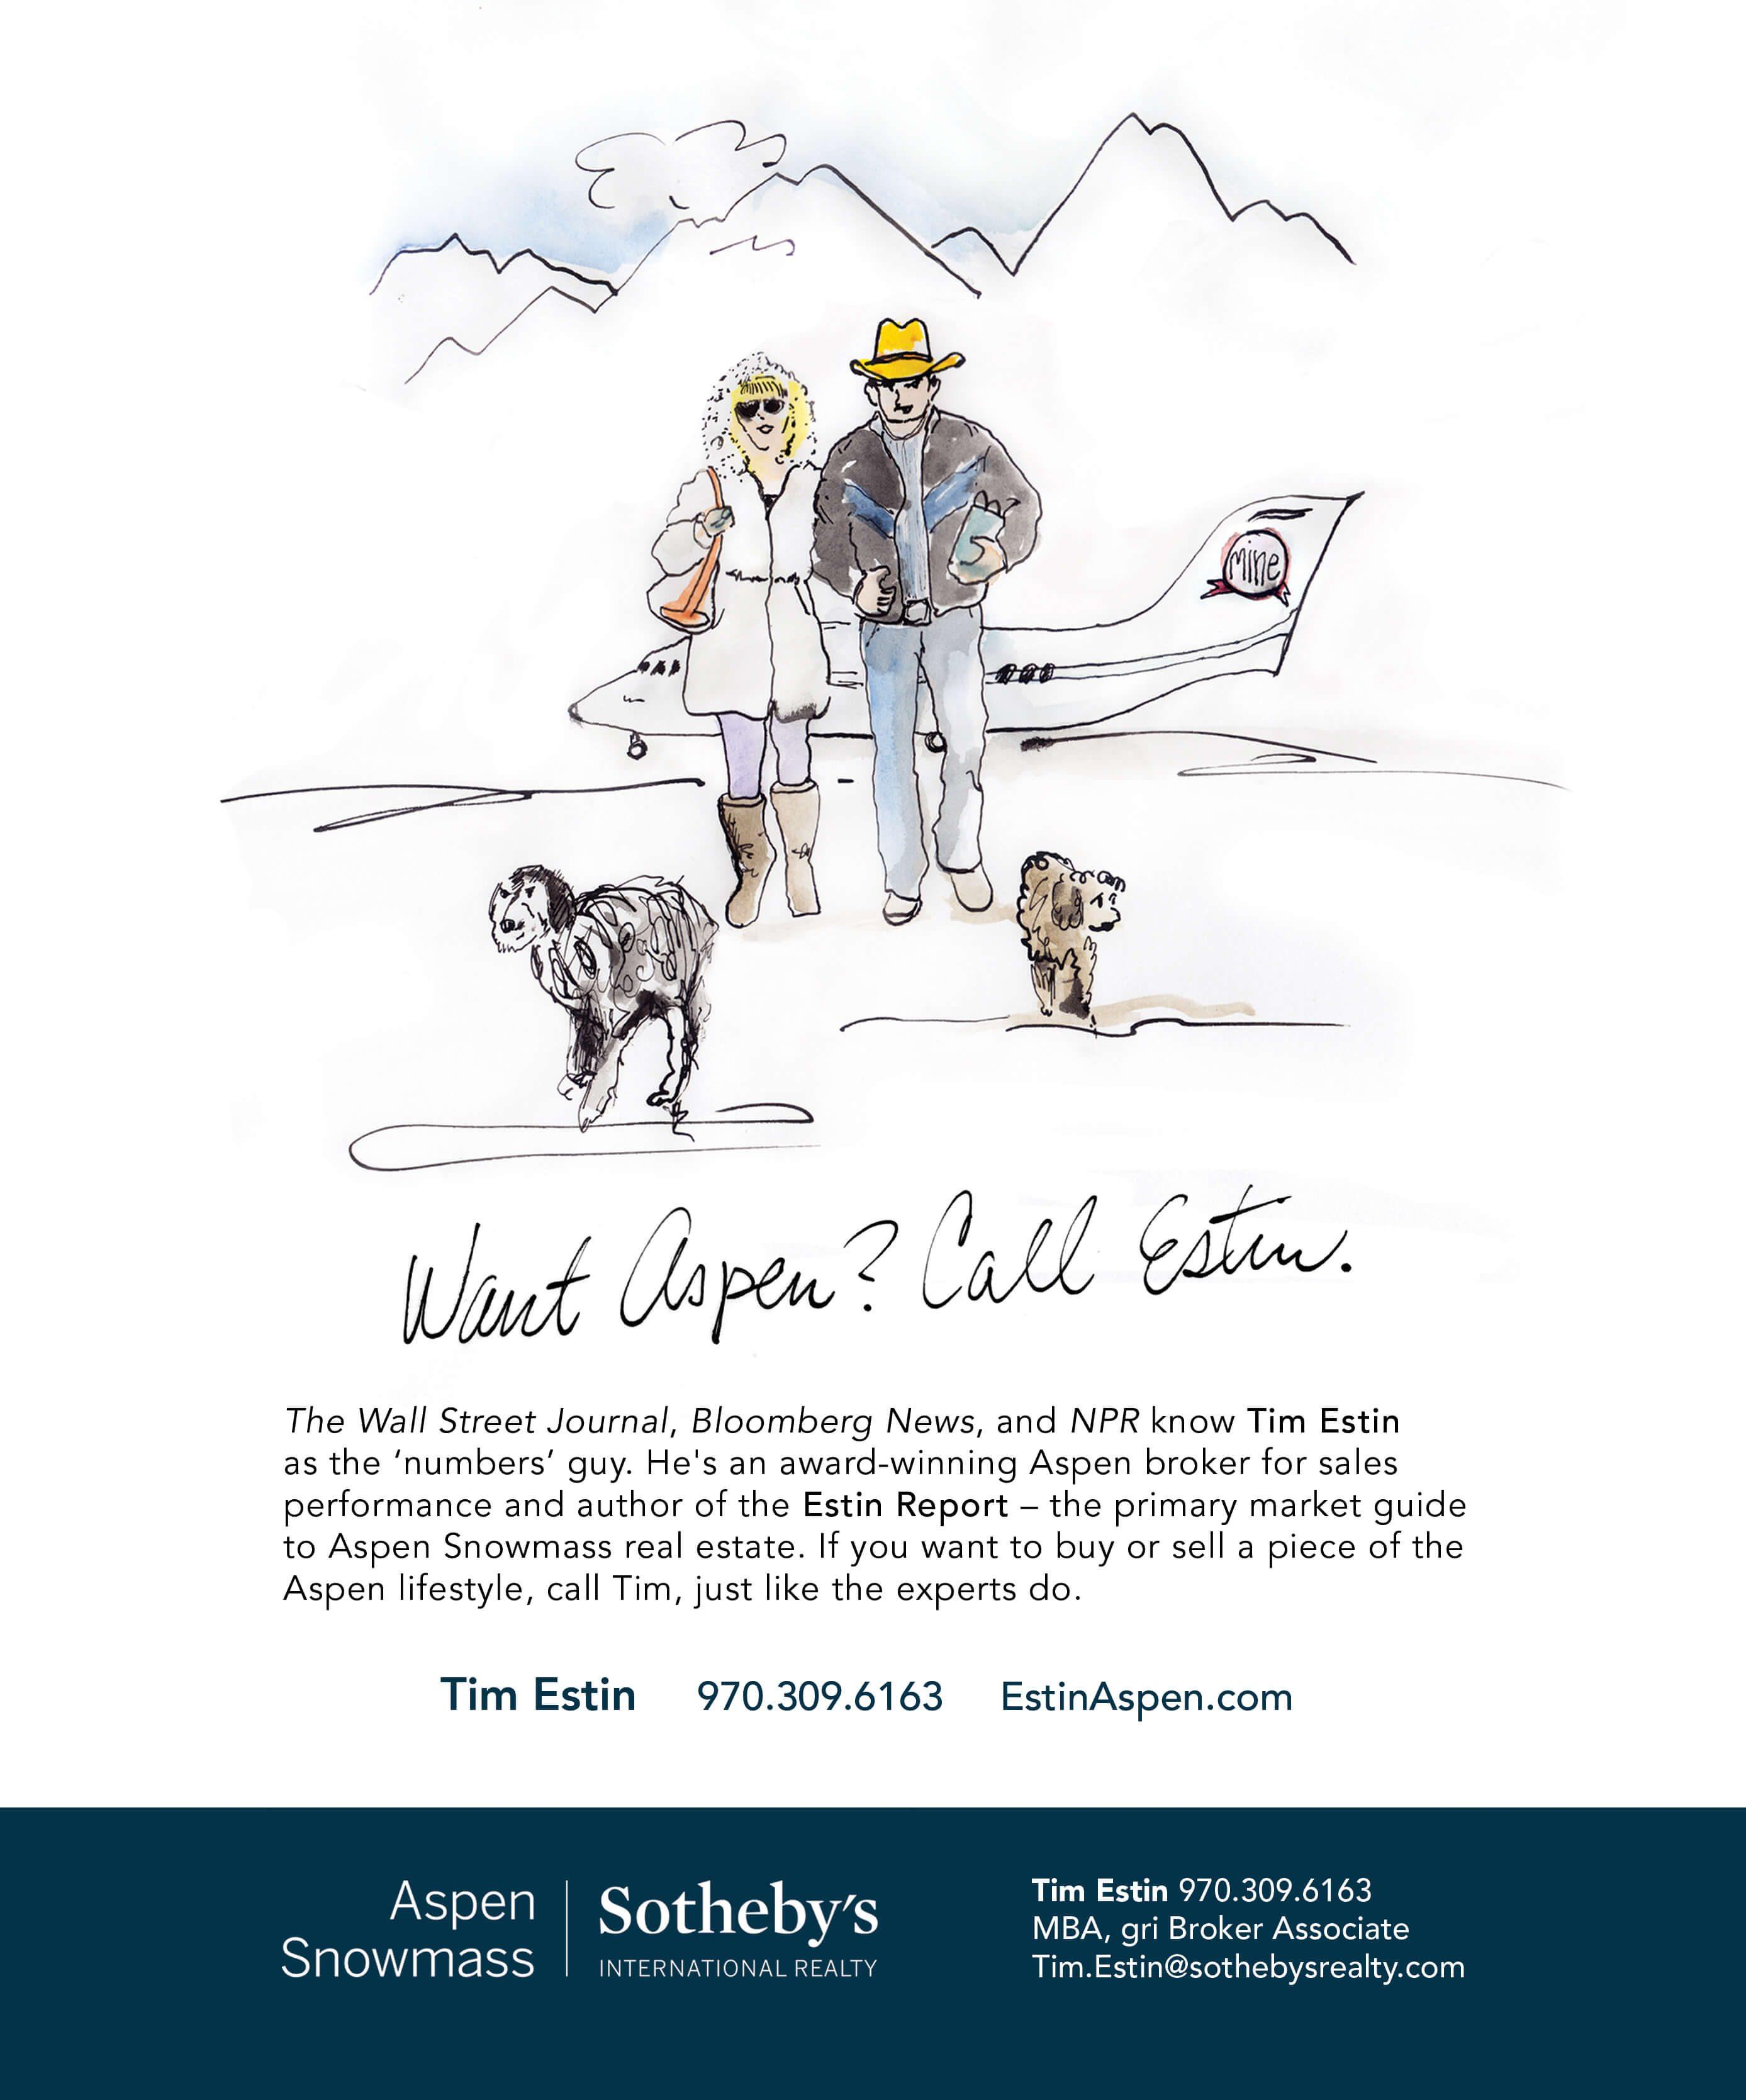 Want Aspen? Call Estin. Image